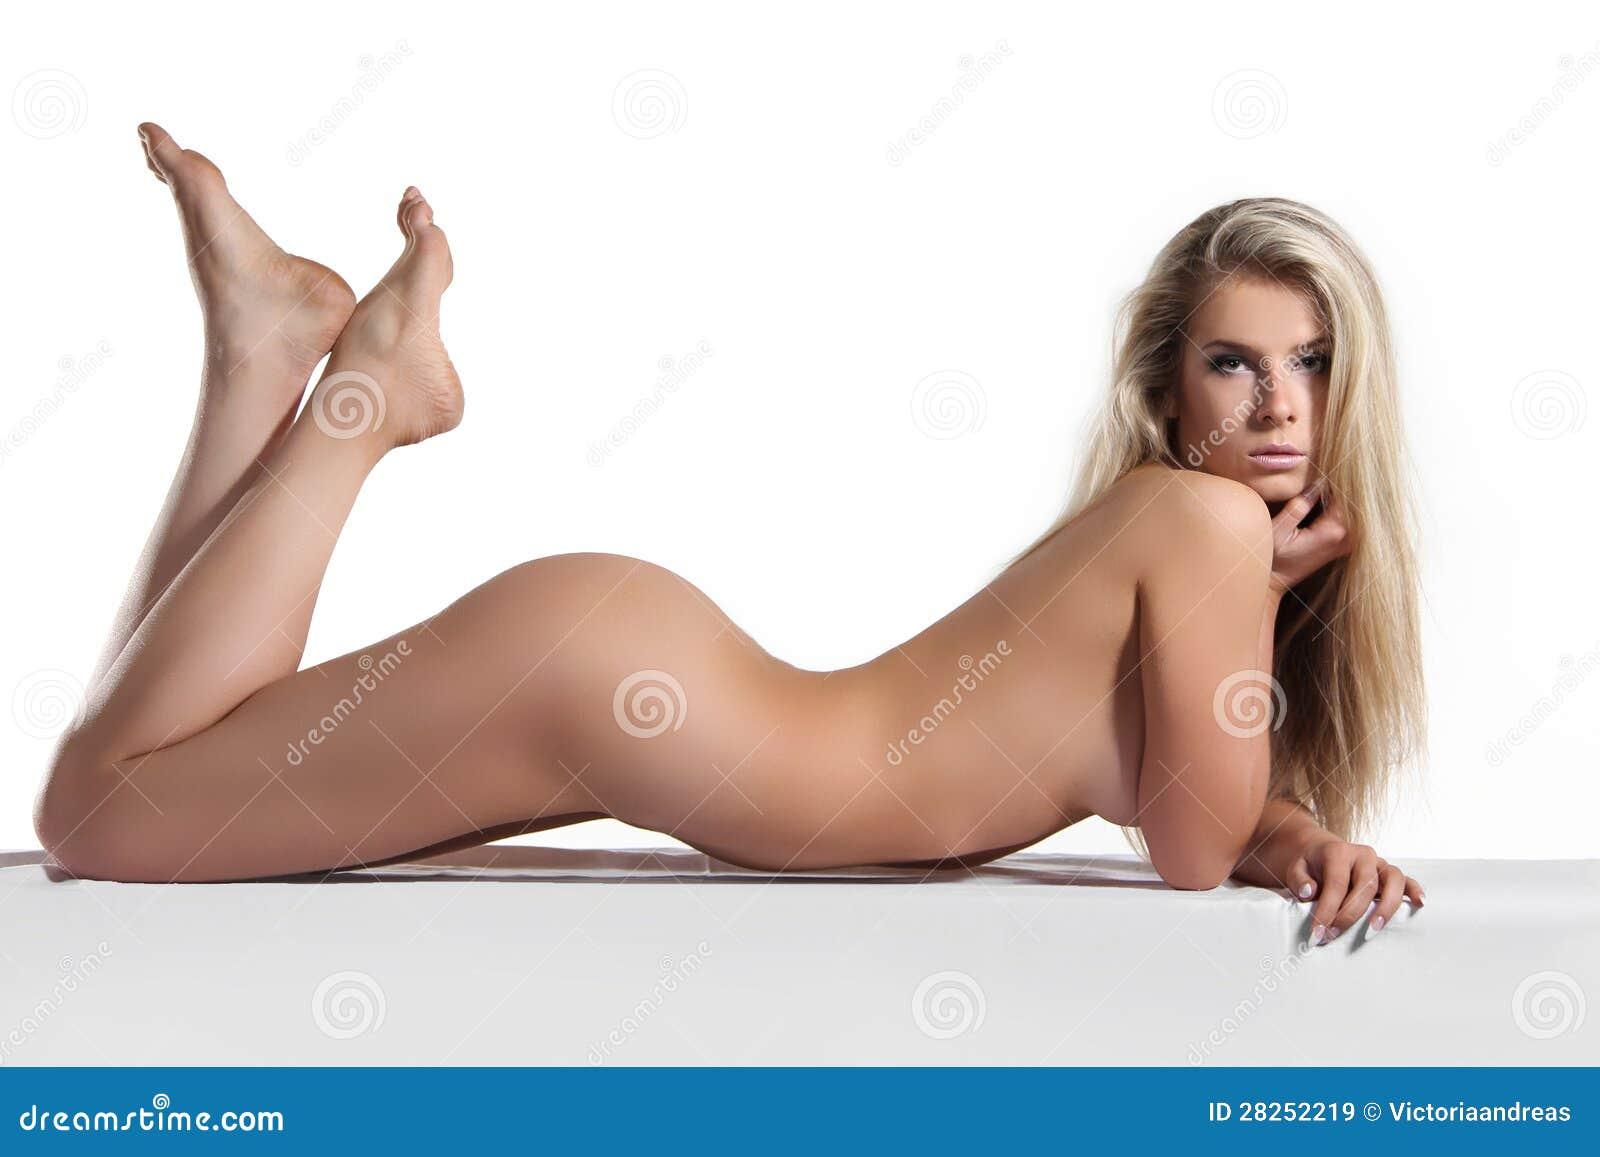 schöne frauen bilder nackt